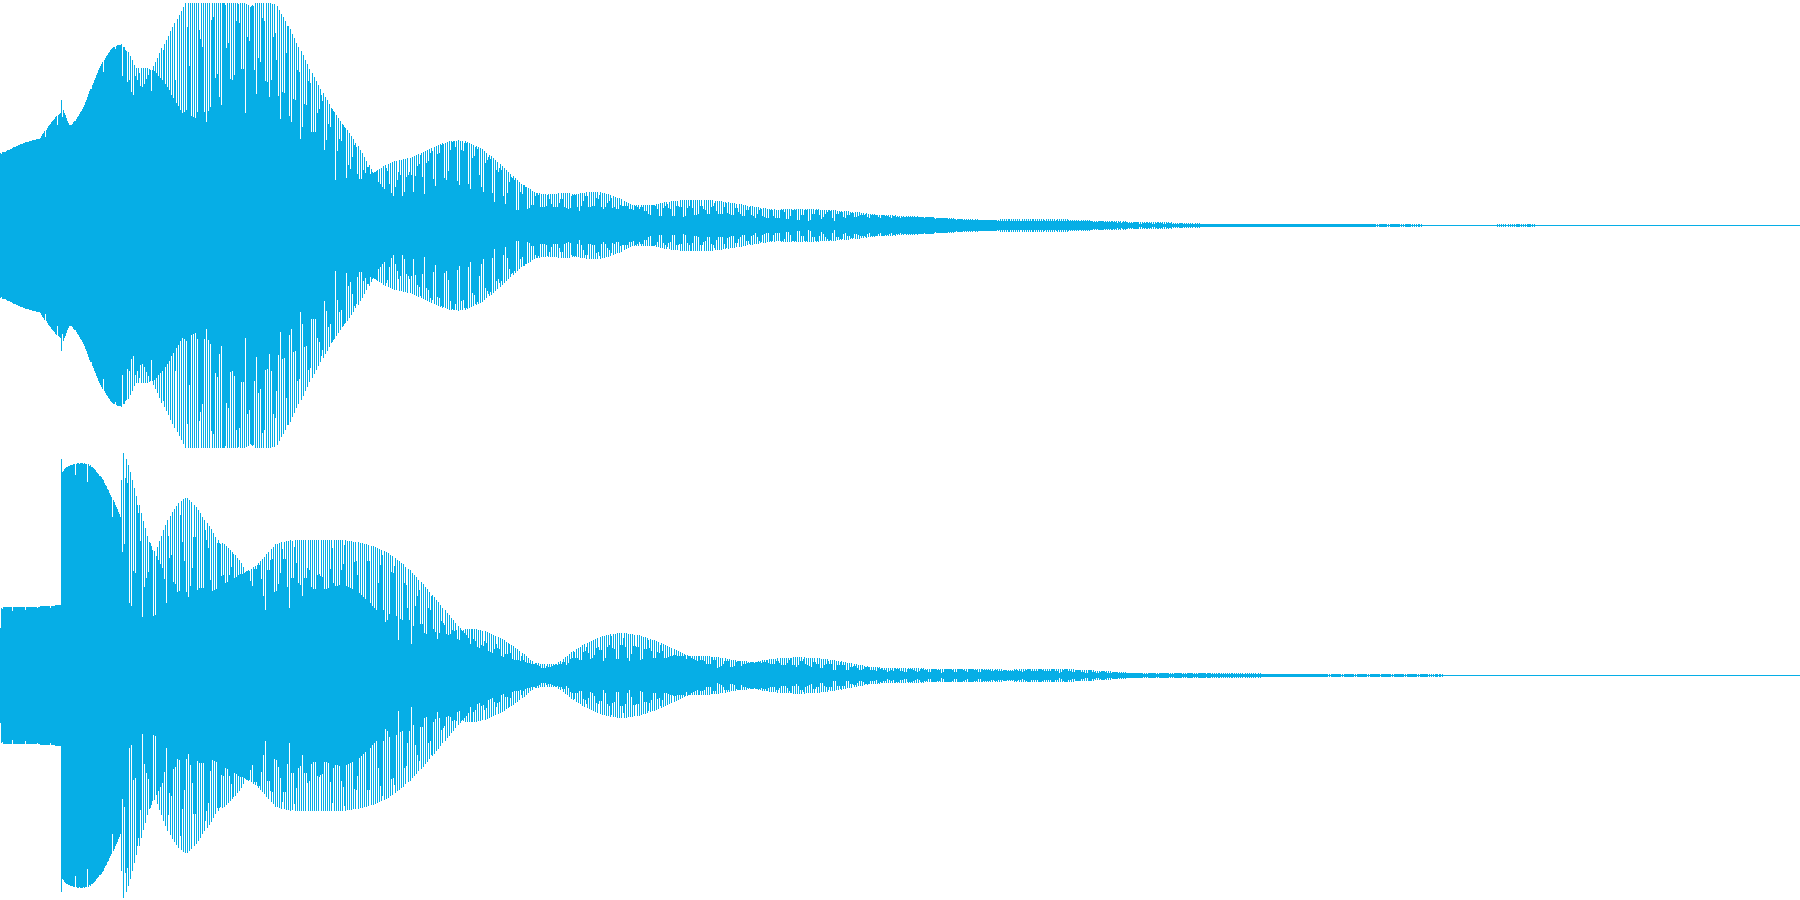 開閉チャイム(電子音)の再生済みの波形